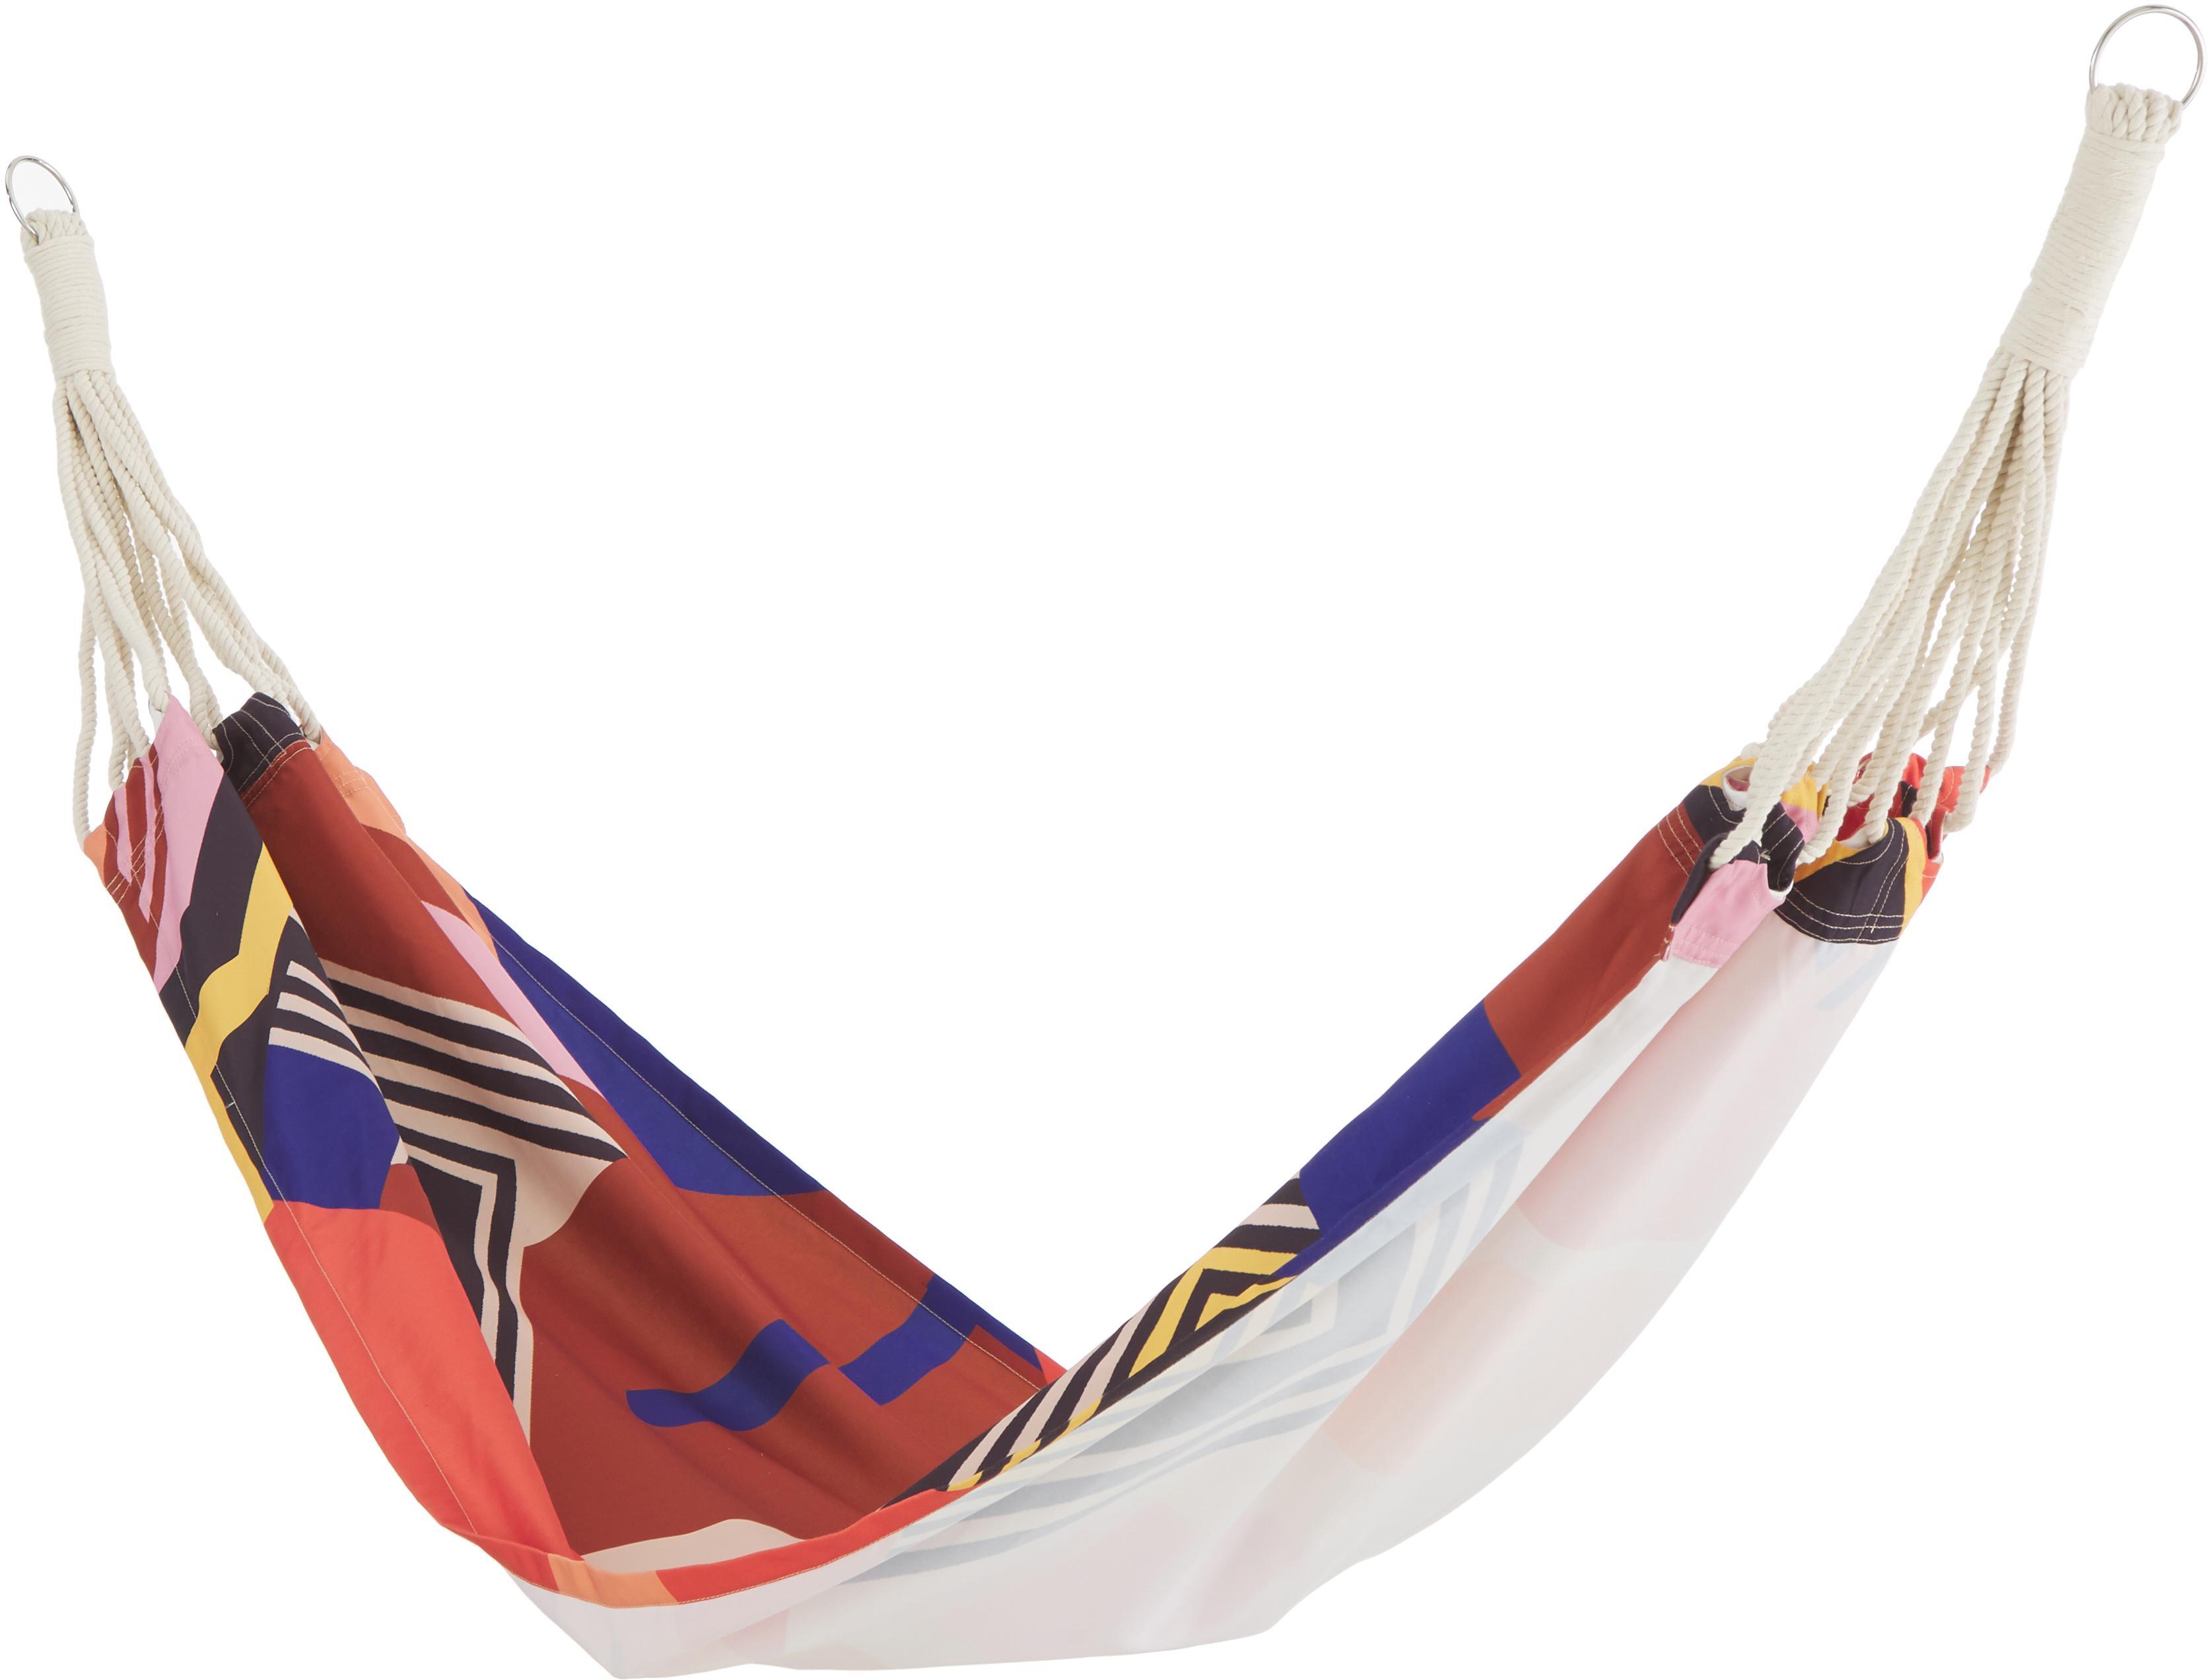 Hamaca Arti, Poliéster, Multicolor, An 80 x L 180 cm